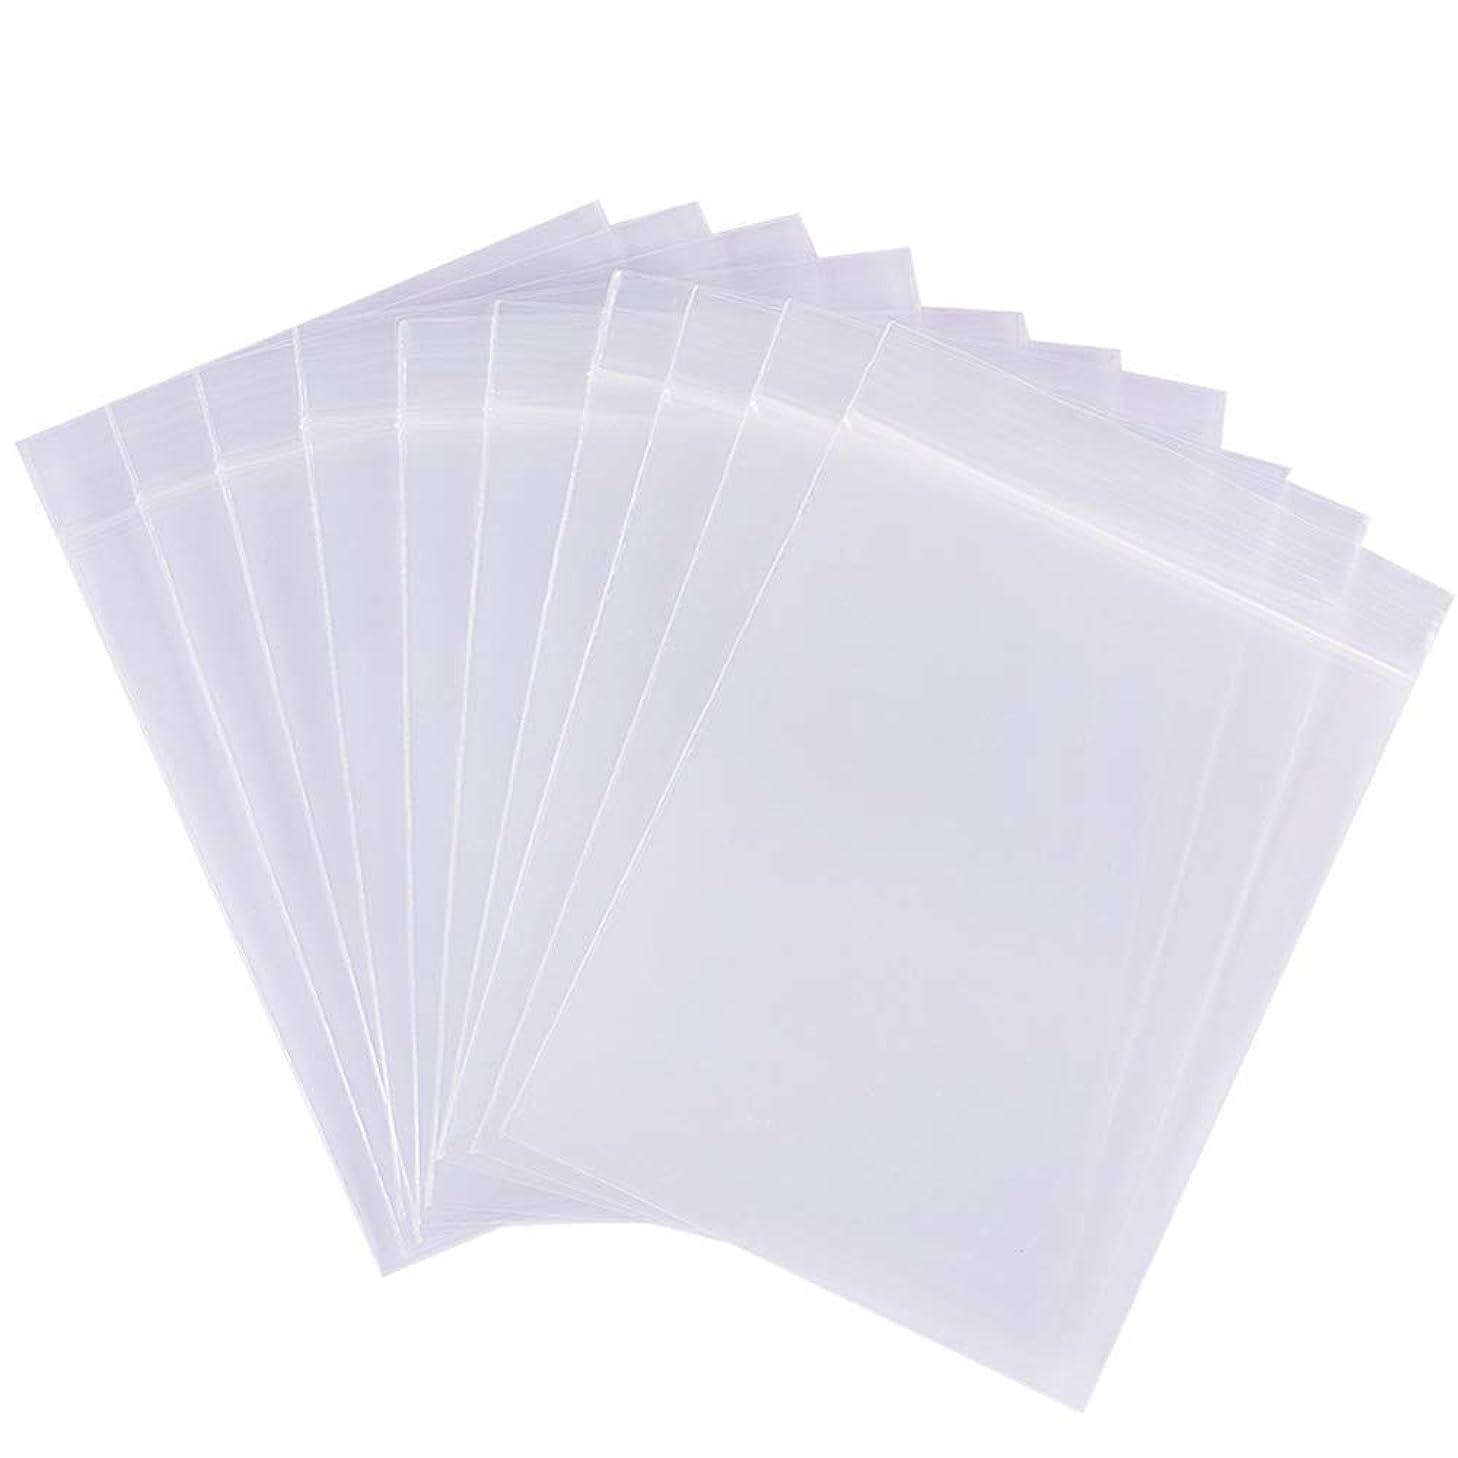 200枚チャック袋 透明チャック付ポリ袋 リサイクル可能プラスチック袋 密封保存袋